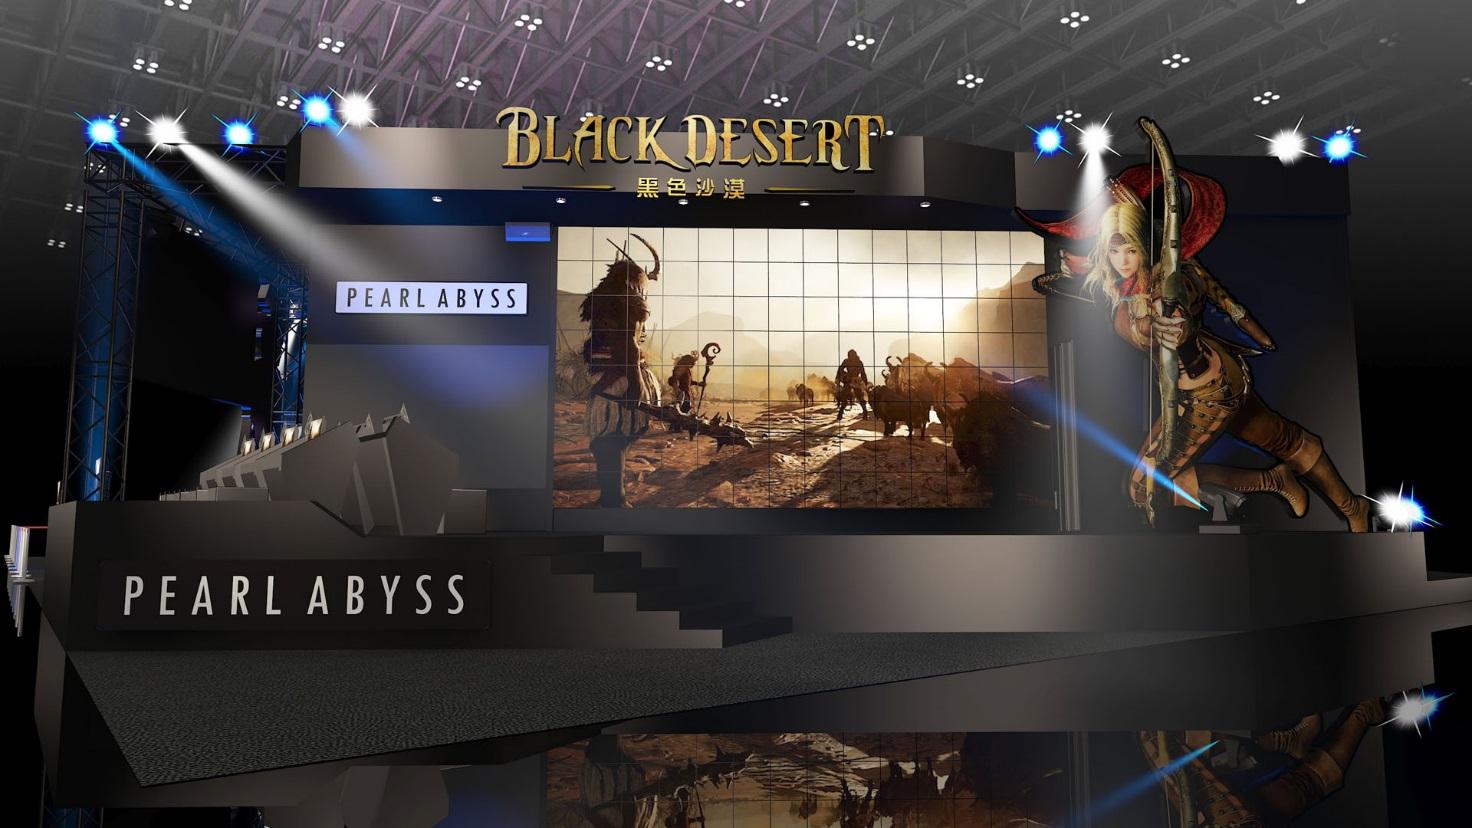 D:\PRIR\媒體關係室\遊戲 - 代理產品之新聞資料\2017發稿資料\黑色沙漠電玩展\舞台區.jpg